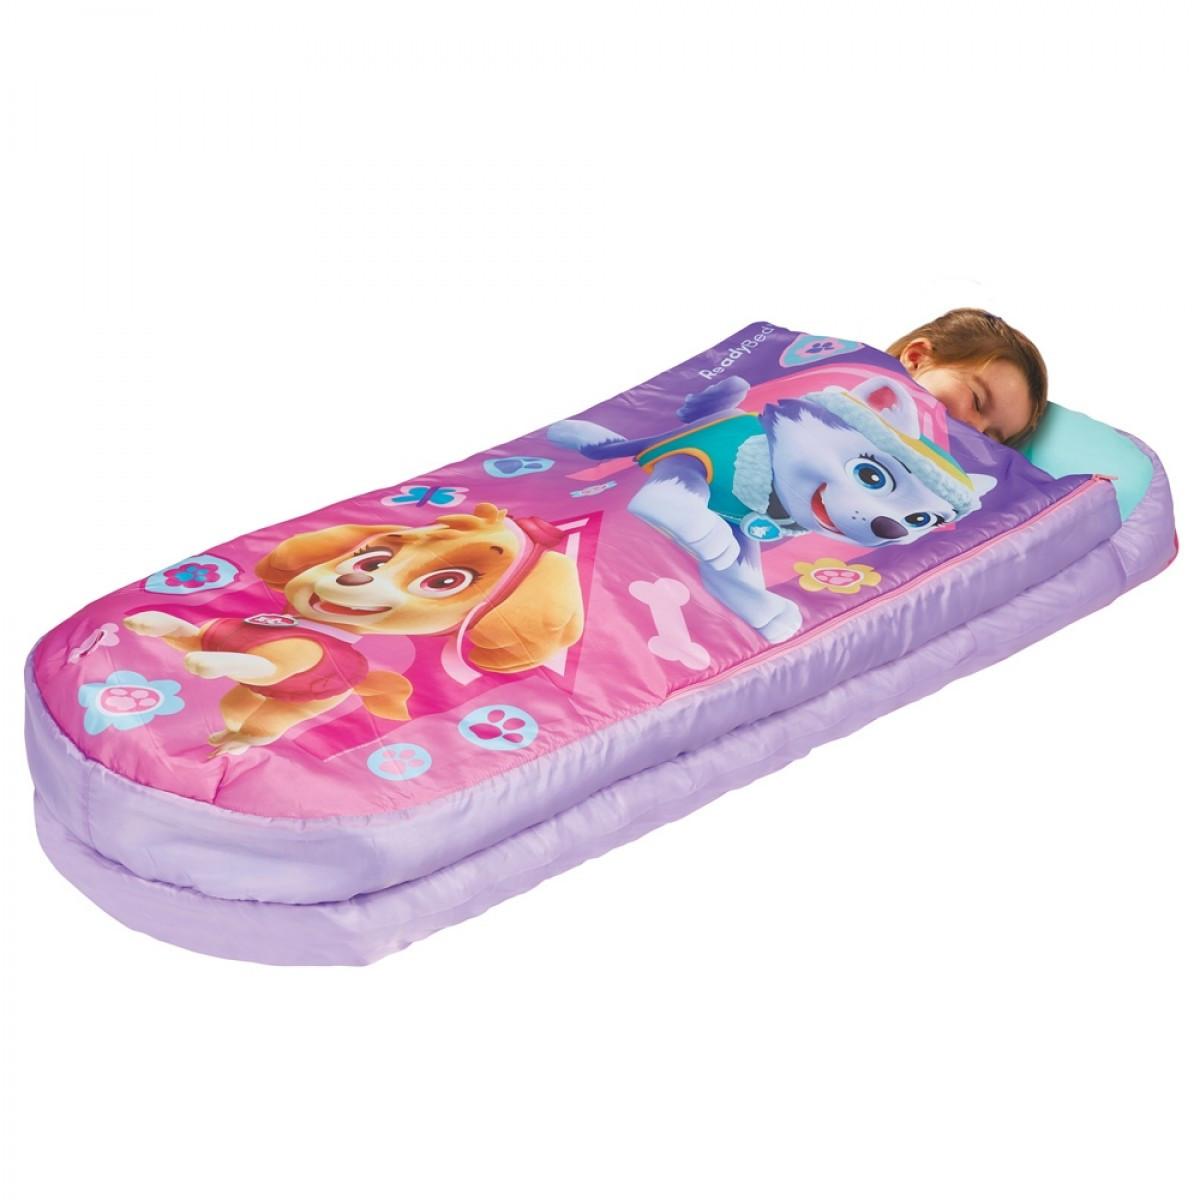 Надувная кровать - спальный мешок Paw Patrol Skye из Германии